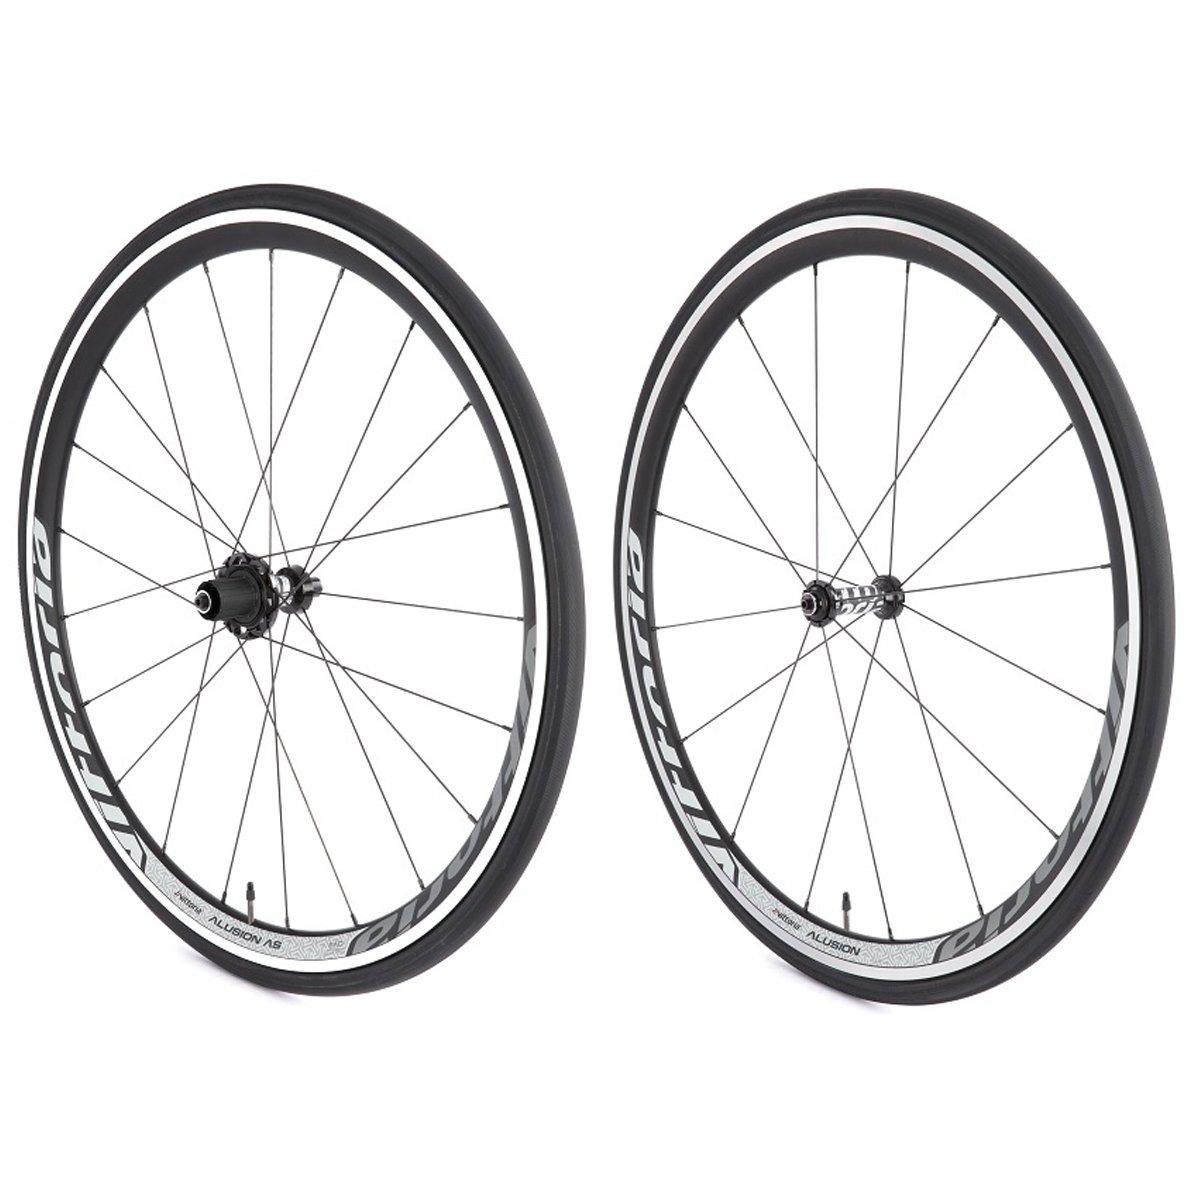 Vittoria Alusion Aero SRAM/Shimano 11 vitesses à relâchement rapide pour roue en alliage pour vélo-Noir B00P9DJTI2